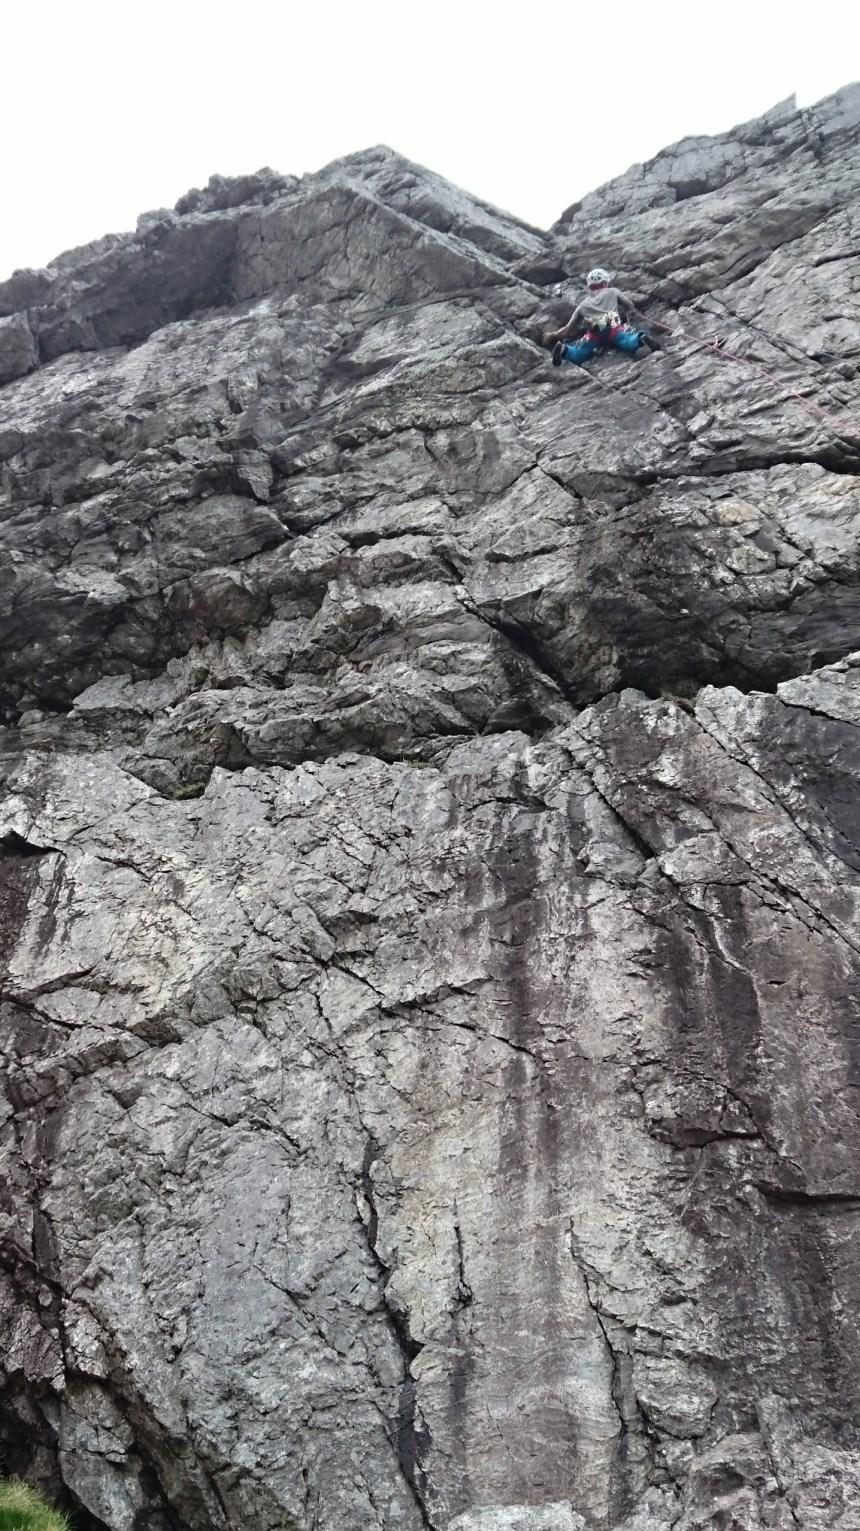 Rock Climbing Garbh-Bheinn